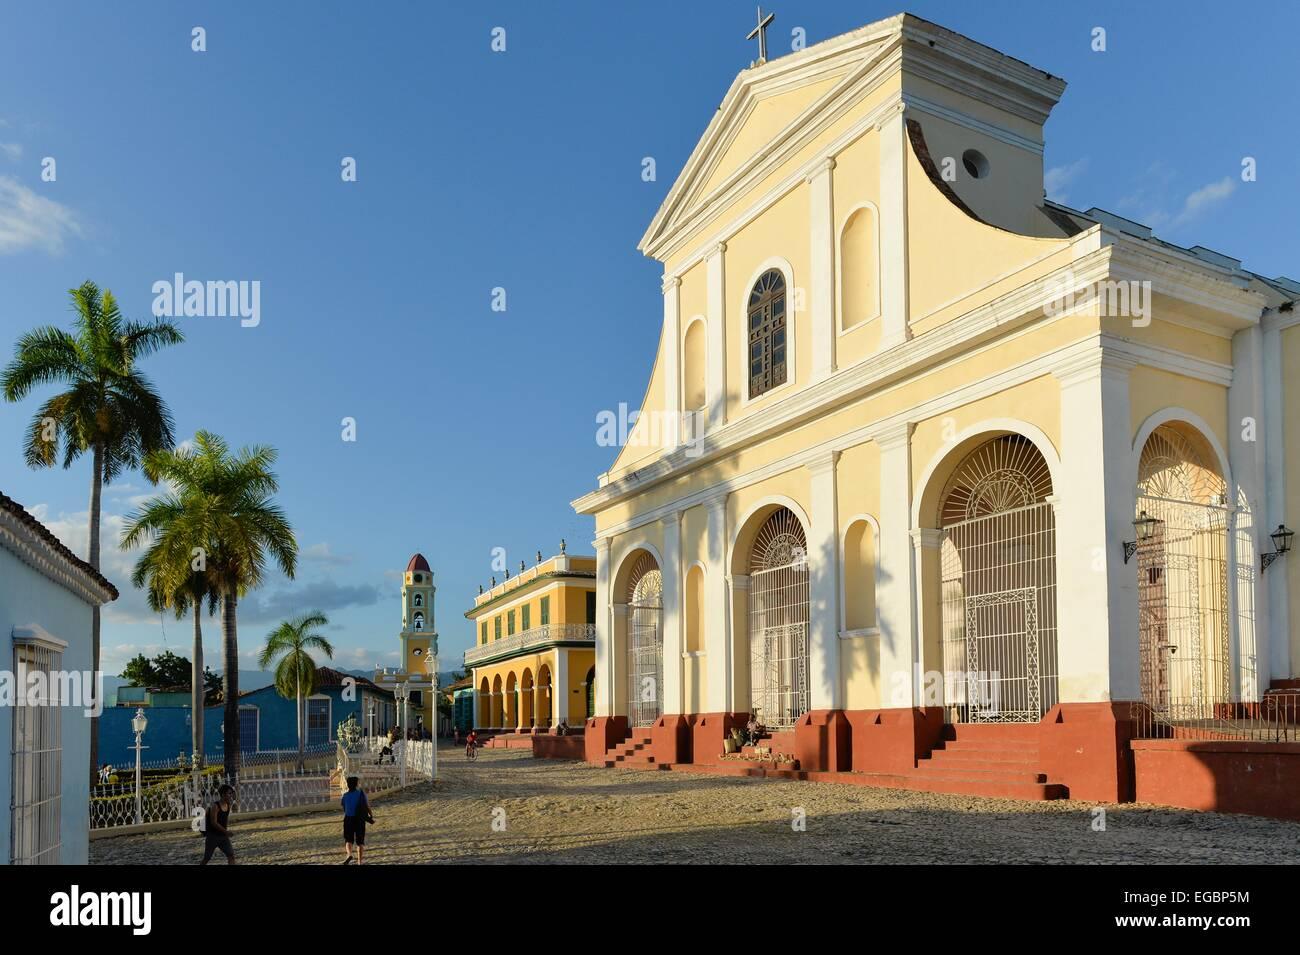 Iglesia Parroquial de la Santisima Trinidad in La Plaza Mayor, Trinidad, Cuba. - Stock Image